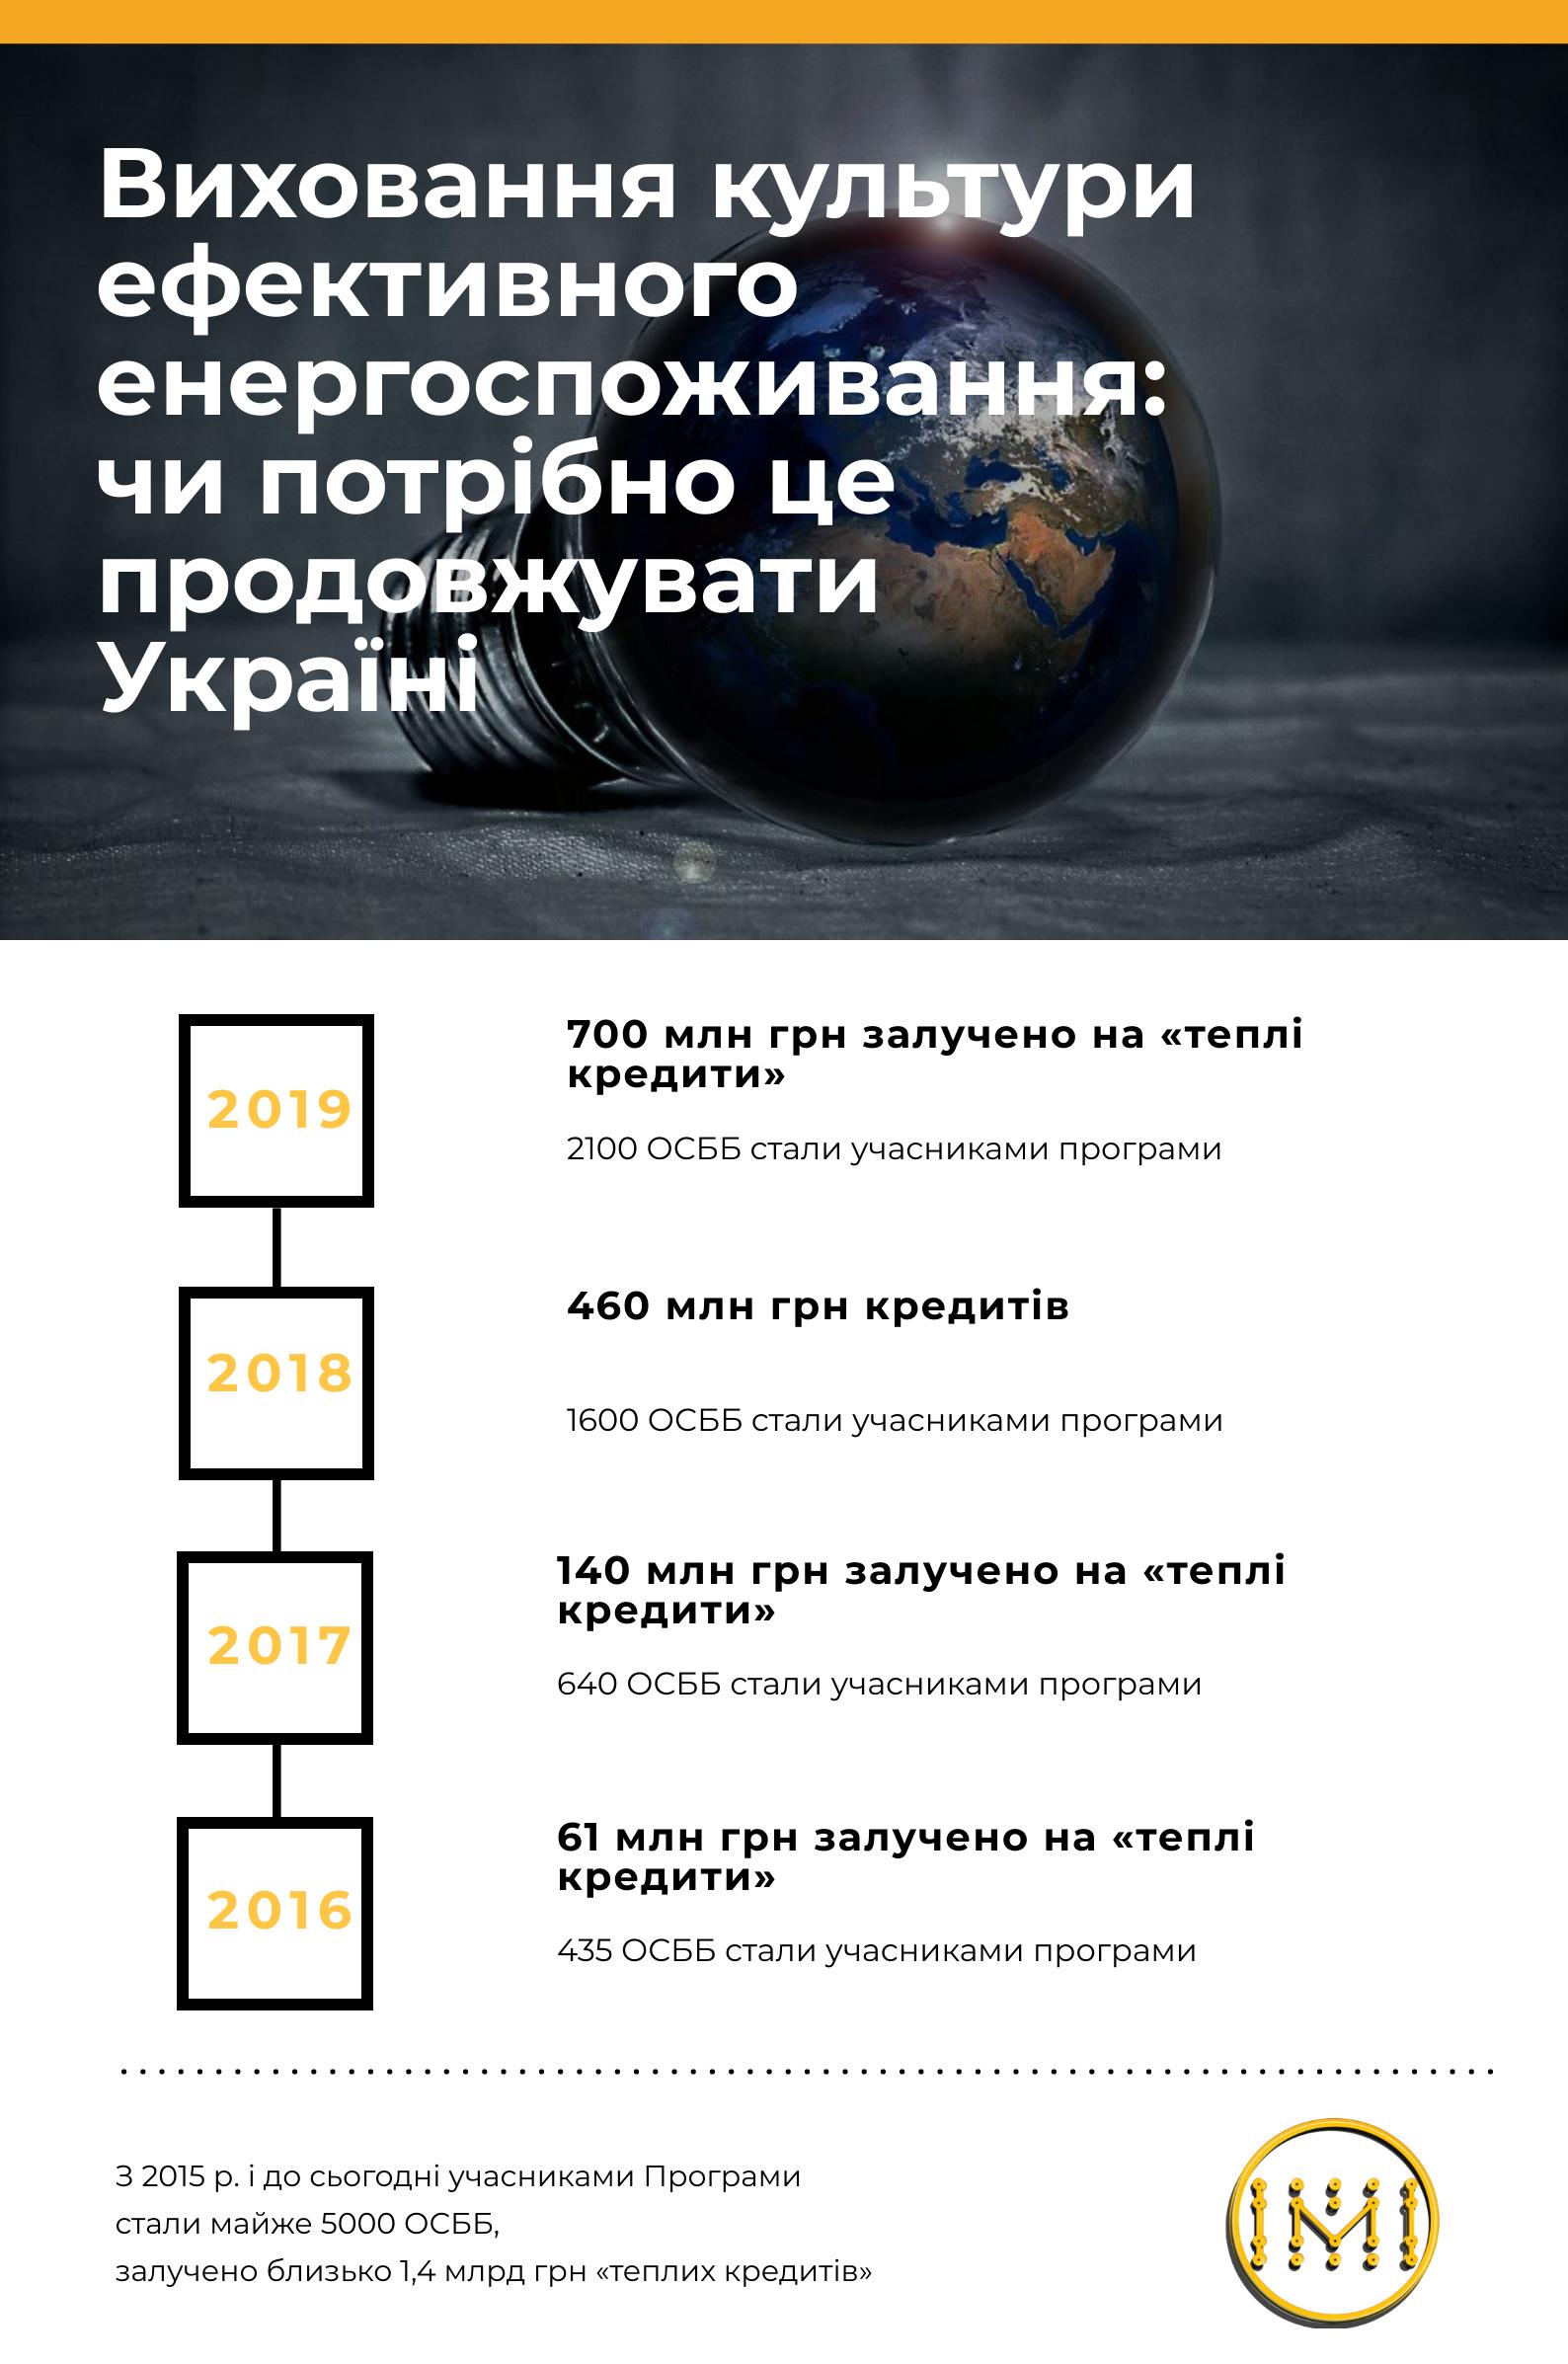 Виховання культури ефективного енергоспоживання: чи потрібно це продовжувати Україні - Фото №1